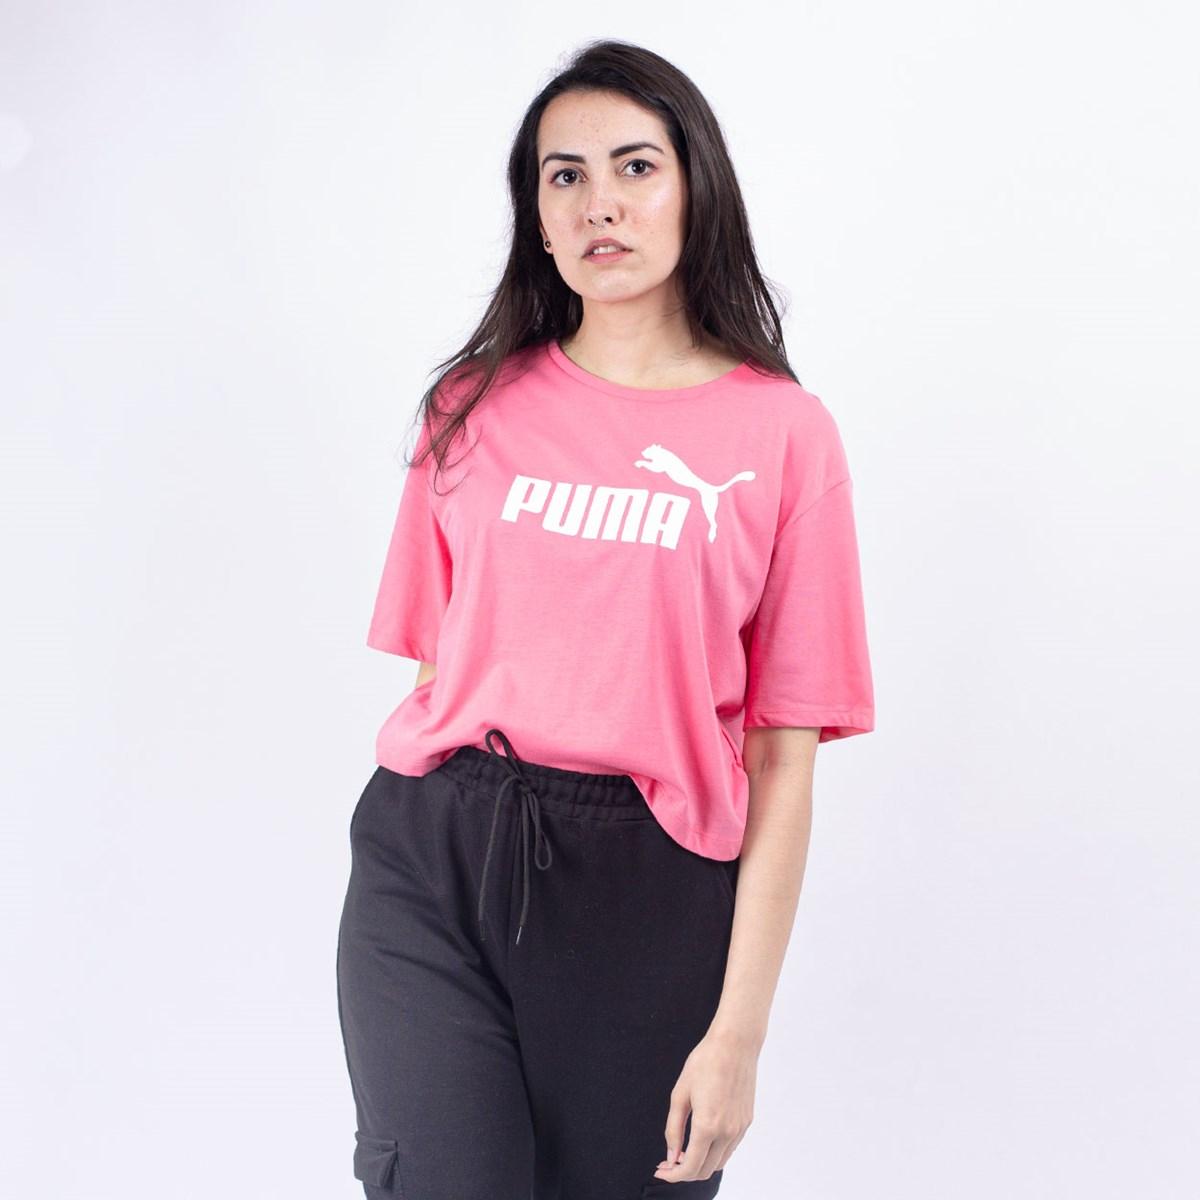 Camiseta Puma Feminina Essentials+ Cropped Tee Bubblegum 85259480